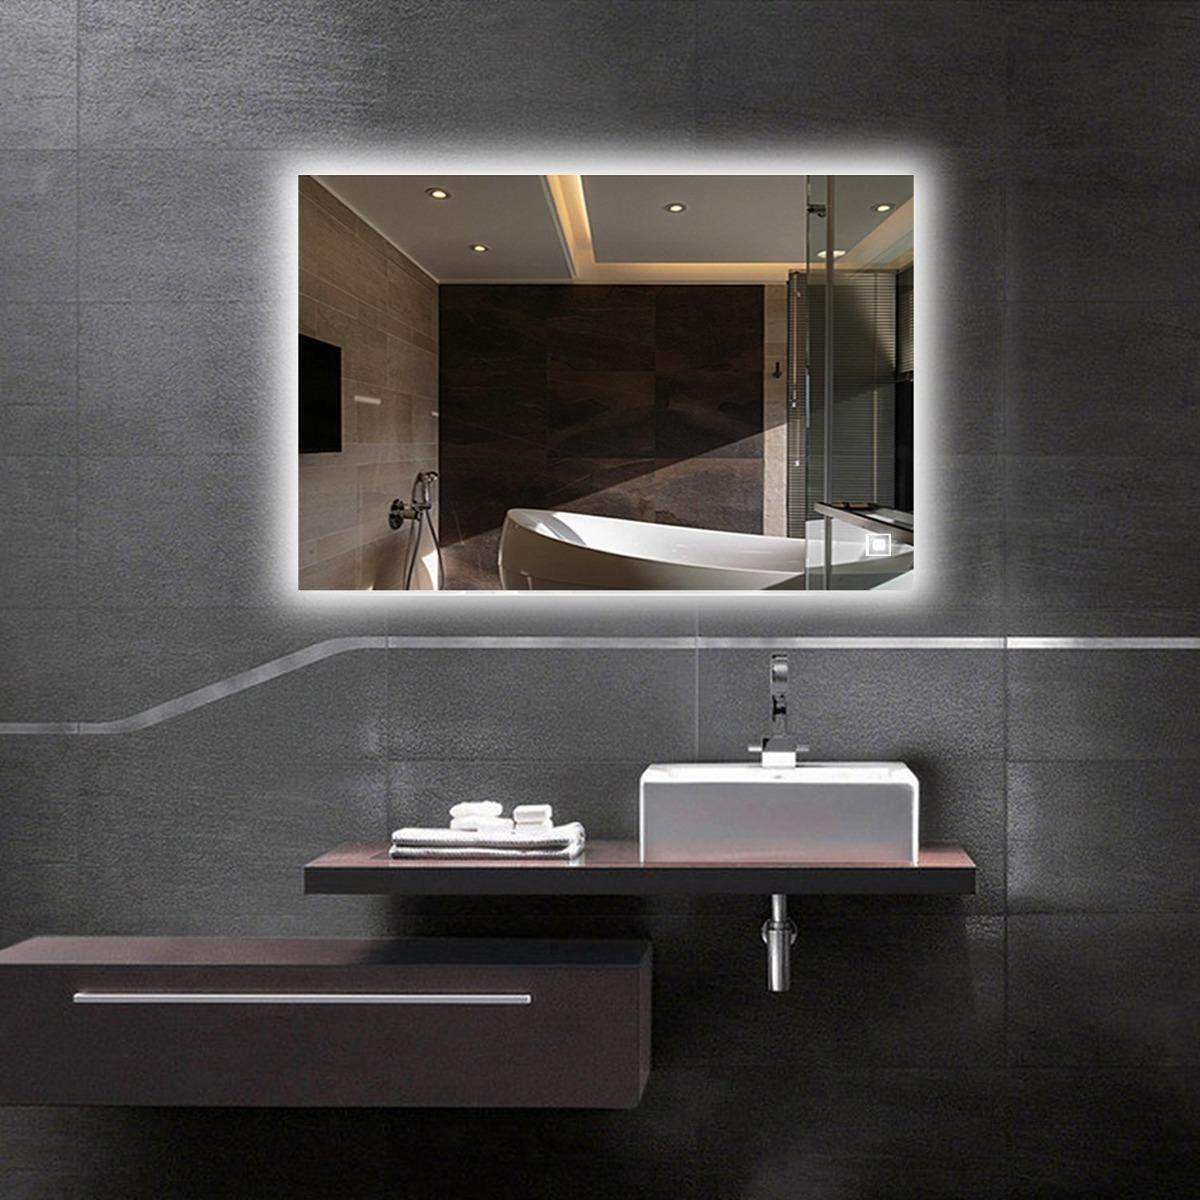 espejo retroiluminado led ba o iluminado con espejo